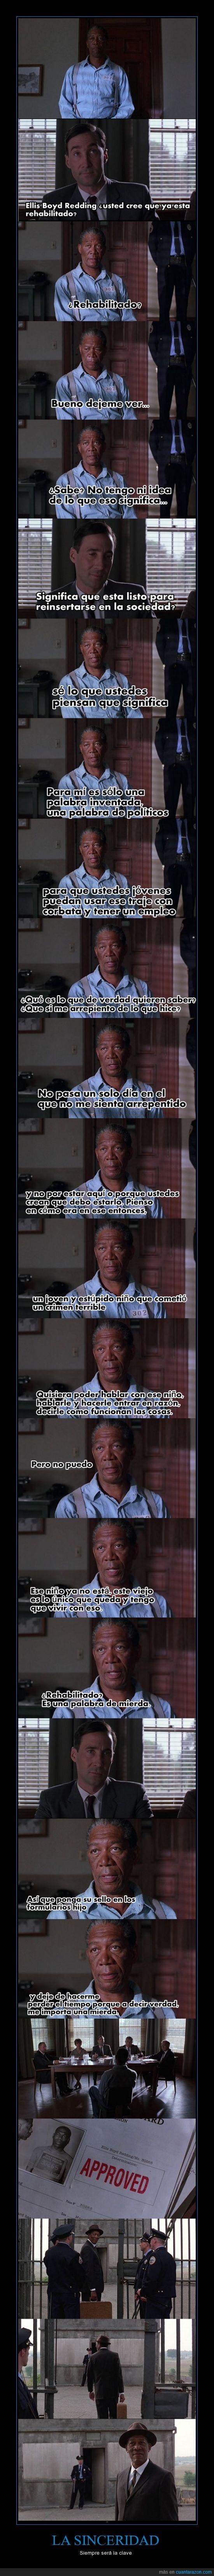 Cadena Perpetua,Morgan Freeman,Sinceridad